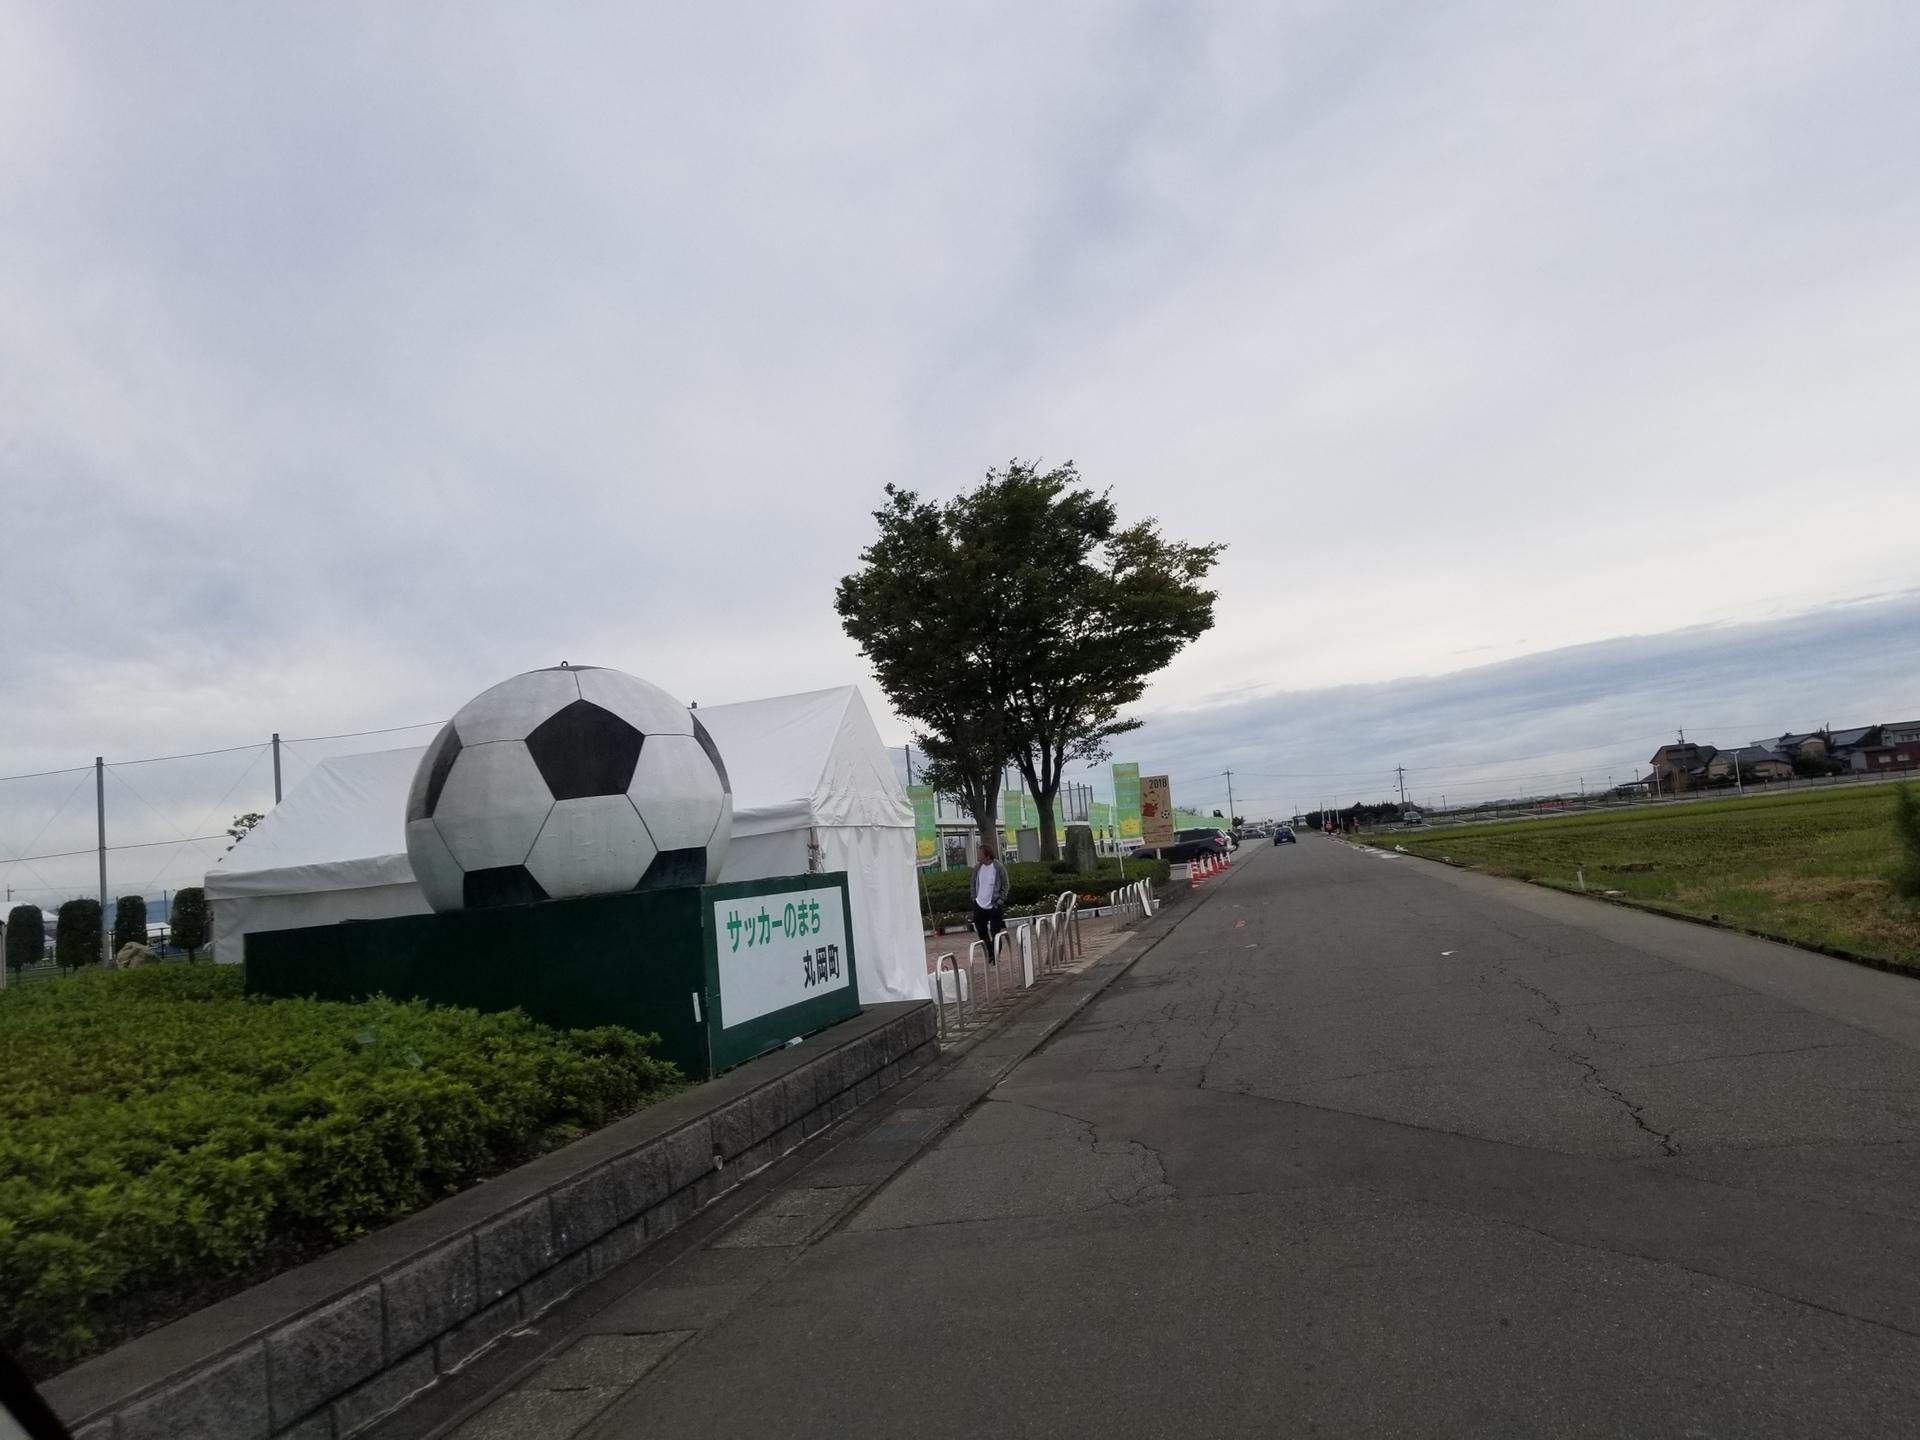 20171014_081357.jpg